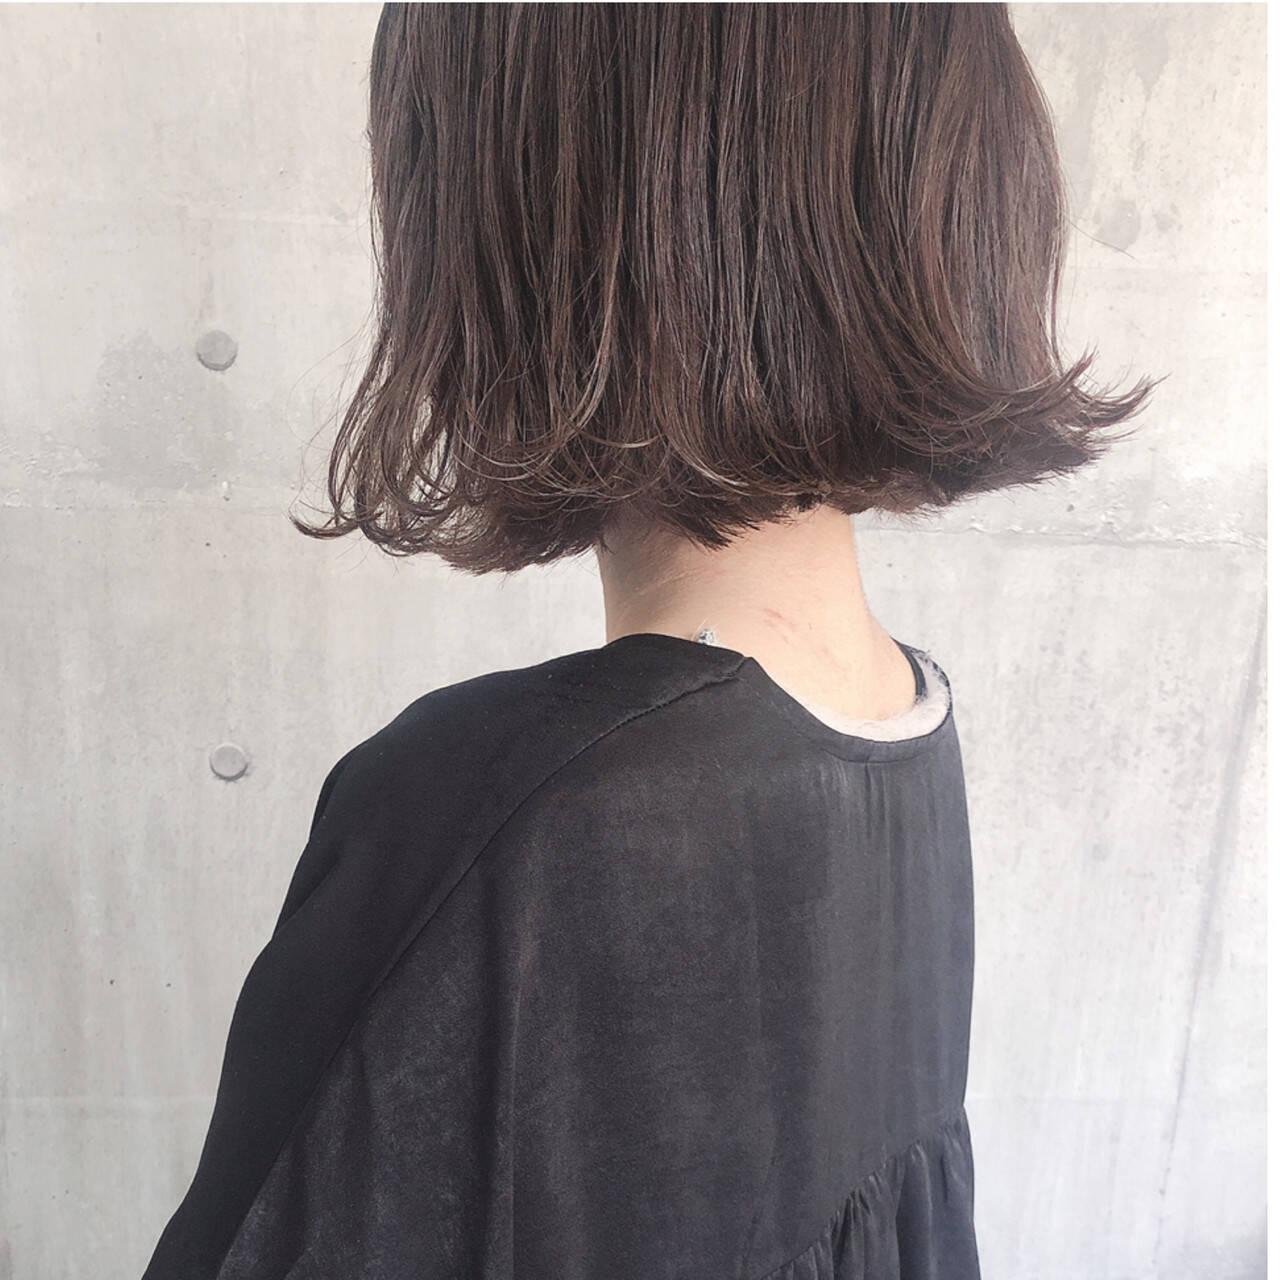 切りっぱなしボブ ナチュラル アンニュイほつれヘア アッシュベージュヘアスタイルや髪型の写真・画像